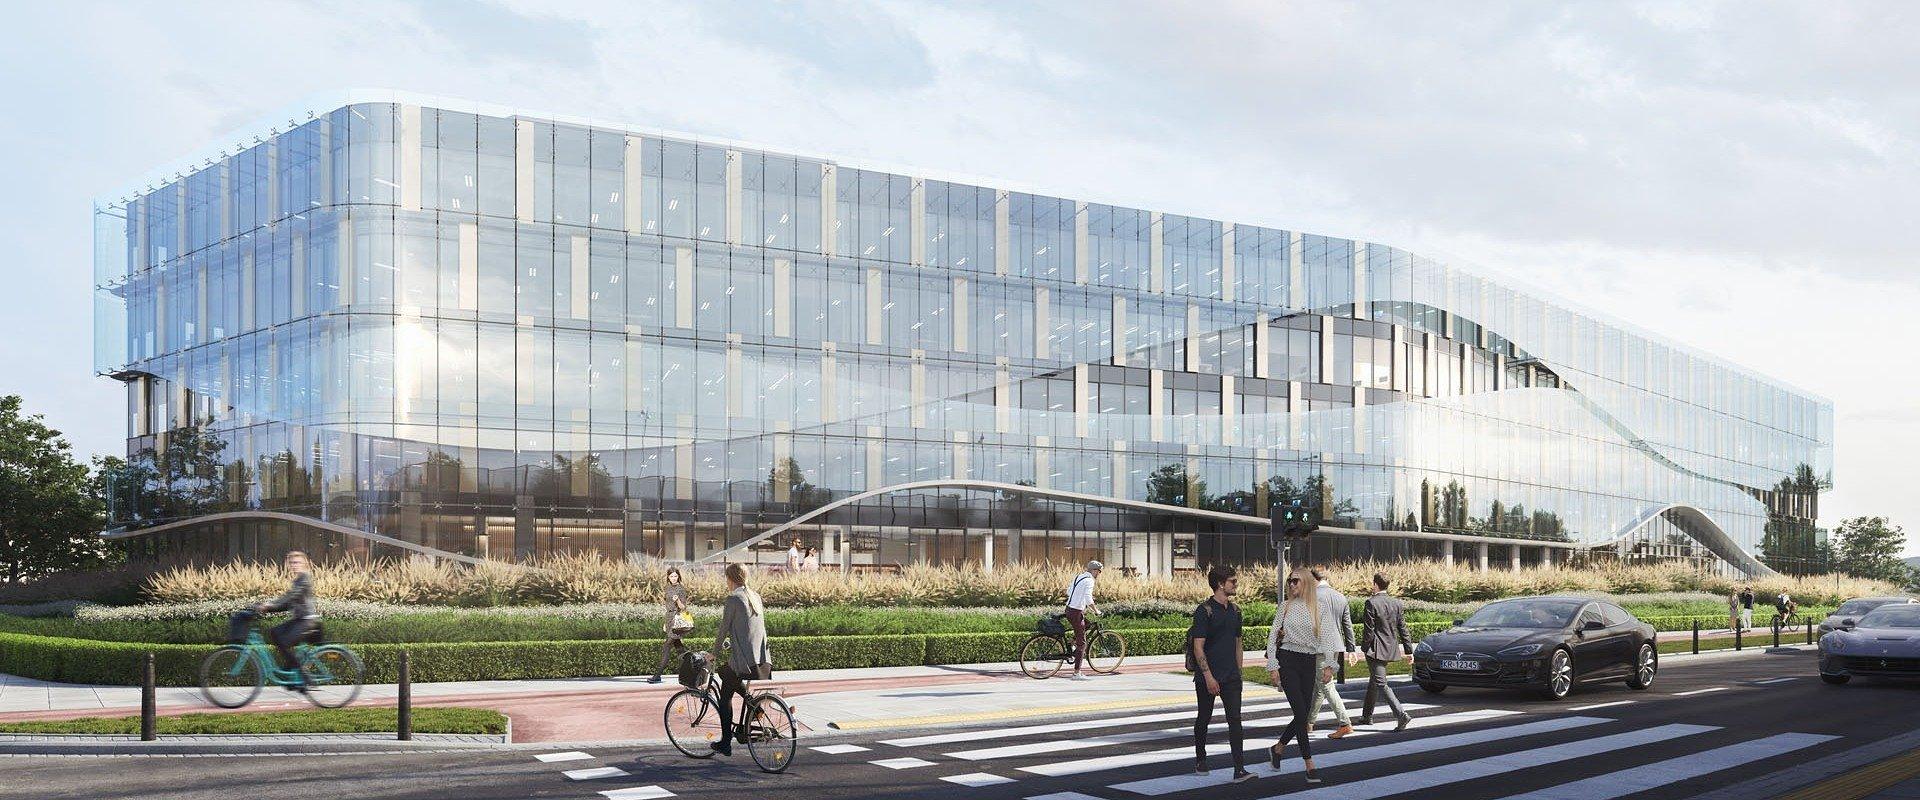 Kolejne budynki z portfela Cavatina Holding z certyfikatem WELL Health-Safety Rating